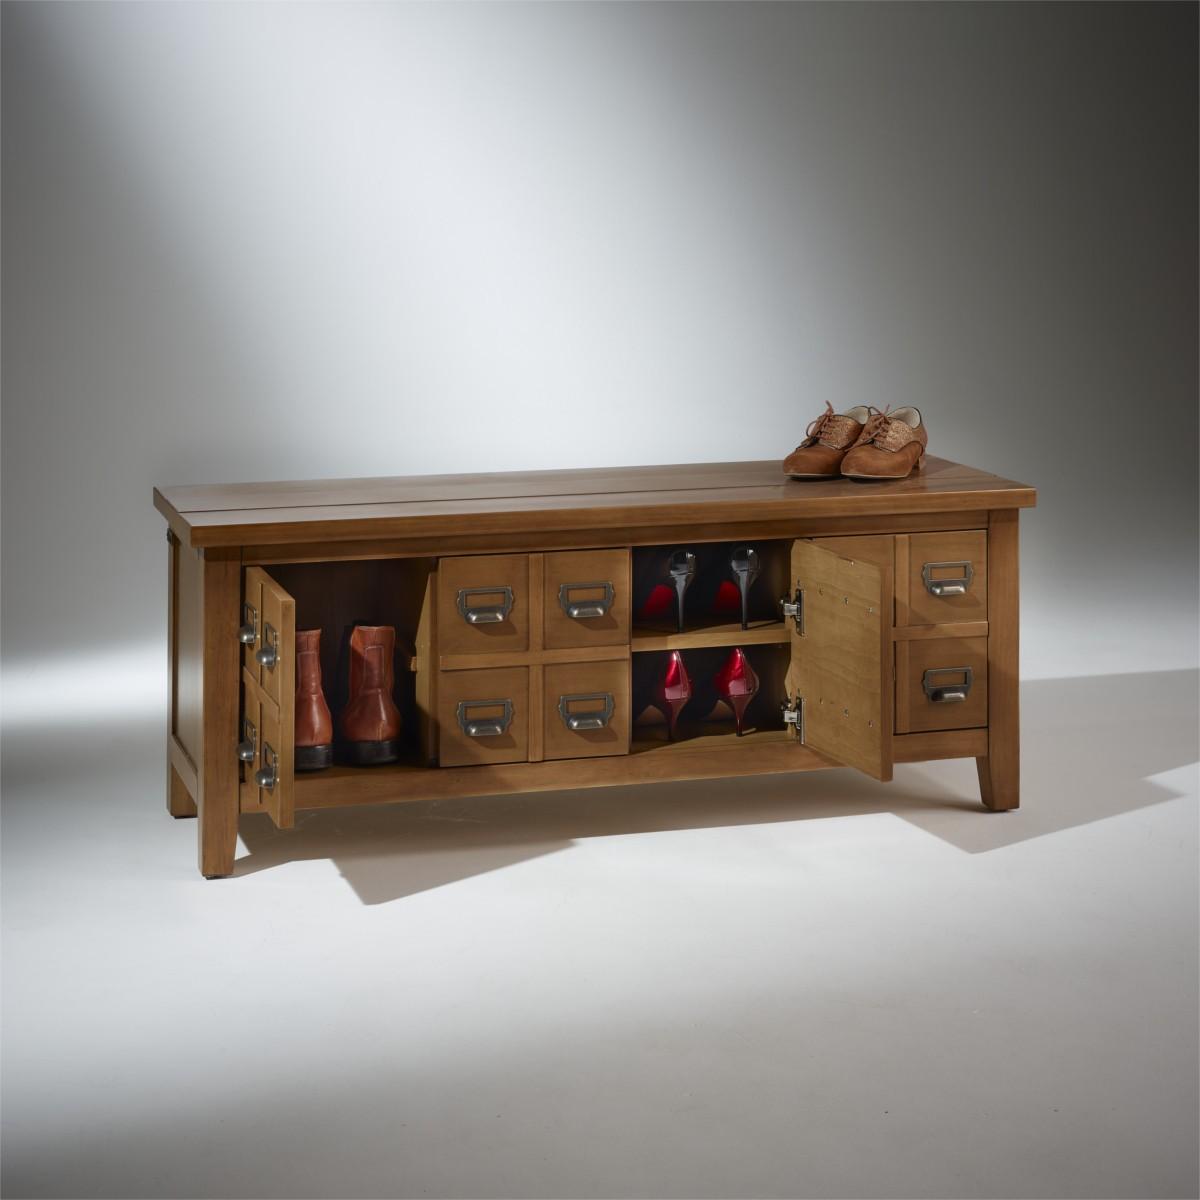 Meuble chaussures en bois poign es m tal jean - Robin des bois meubles ...